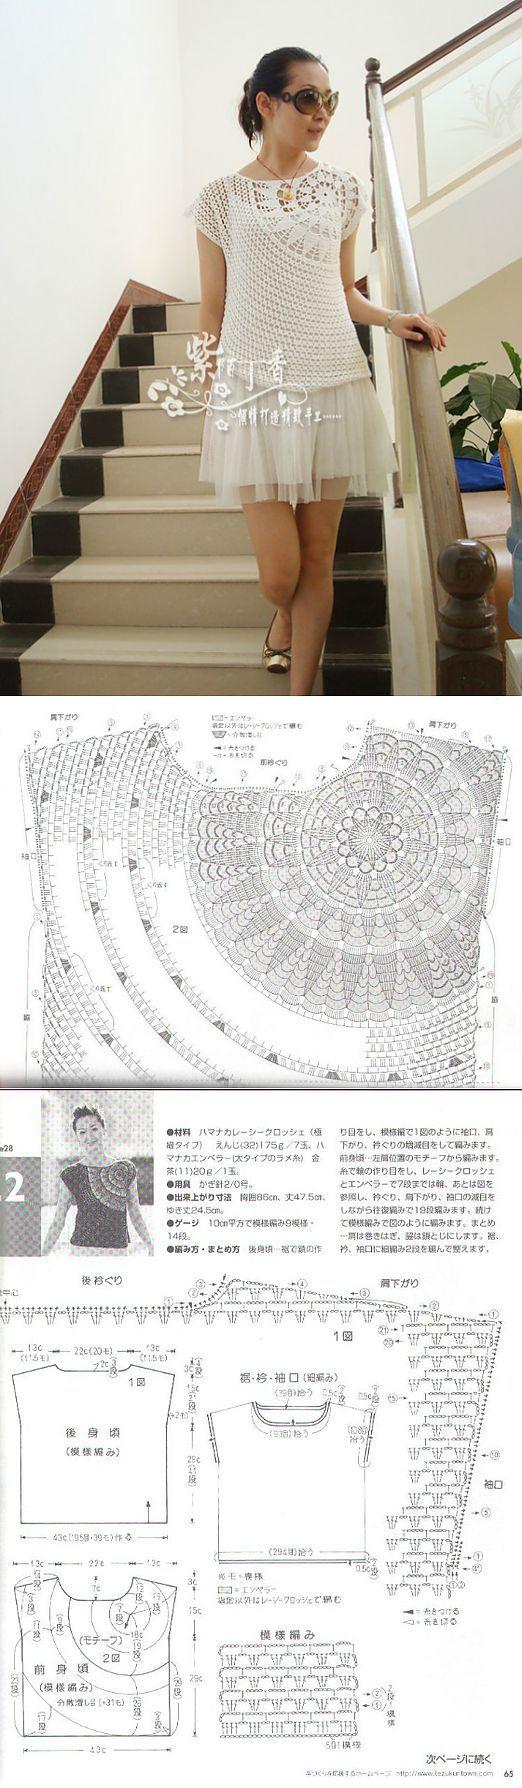 Especial vestidos de crochê com gráficos - Confira os modelos e looks em crochê                                                                                                                                                                                 Mais